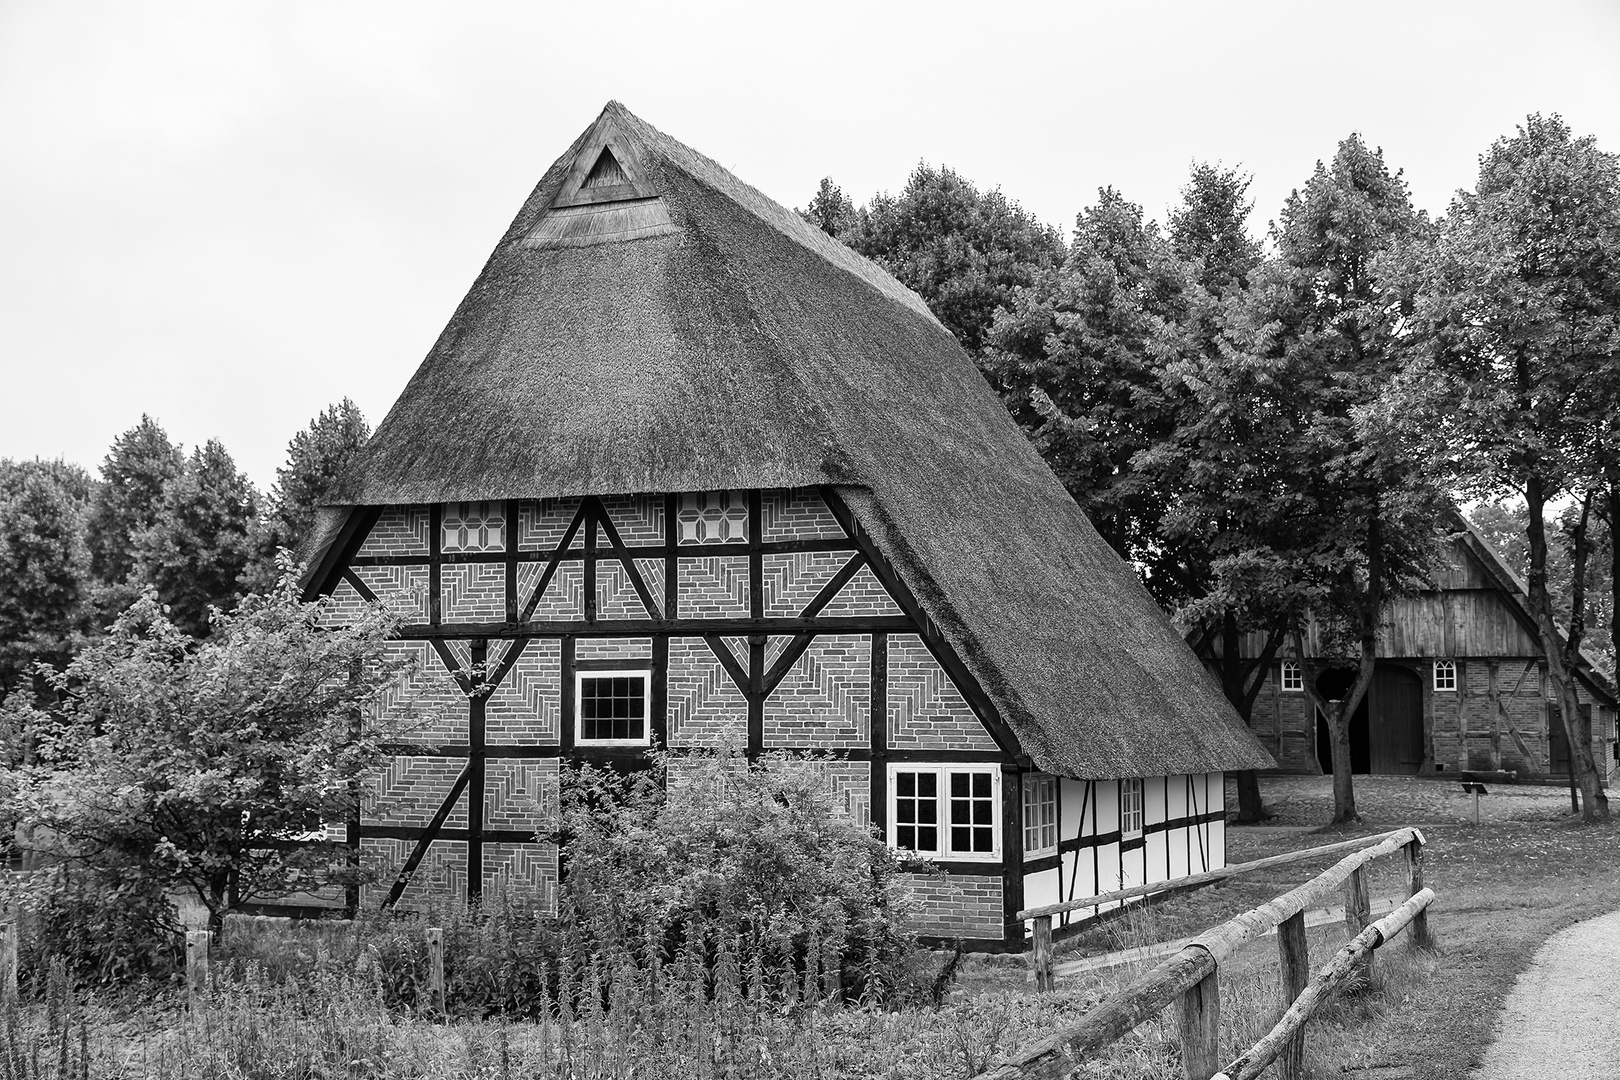 Freilichtmuseum molfsee foto bild architektur deutschland kiel bilder auf fotocommunity - Architektur kiel ...